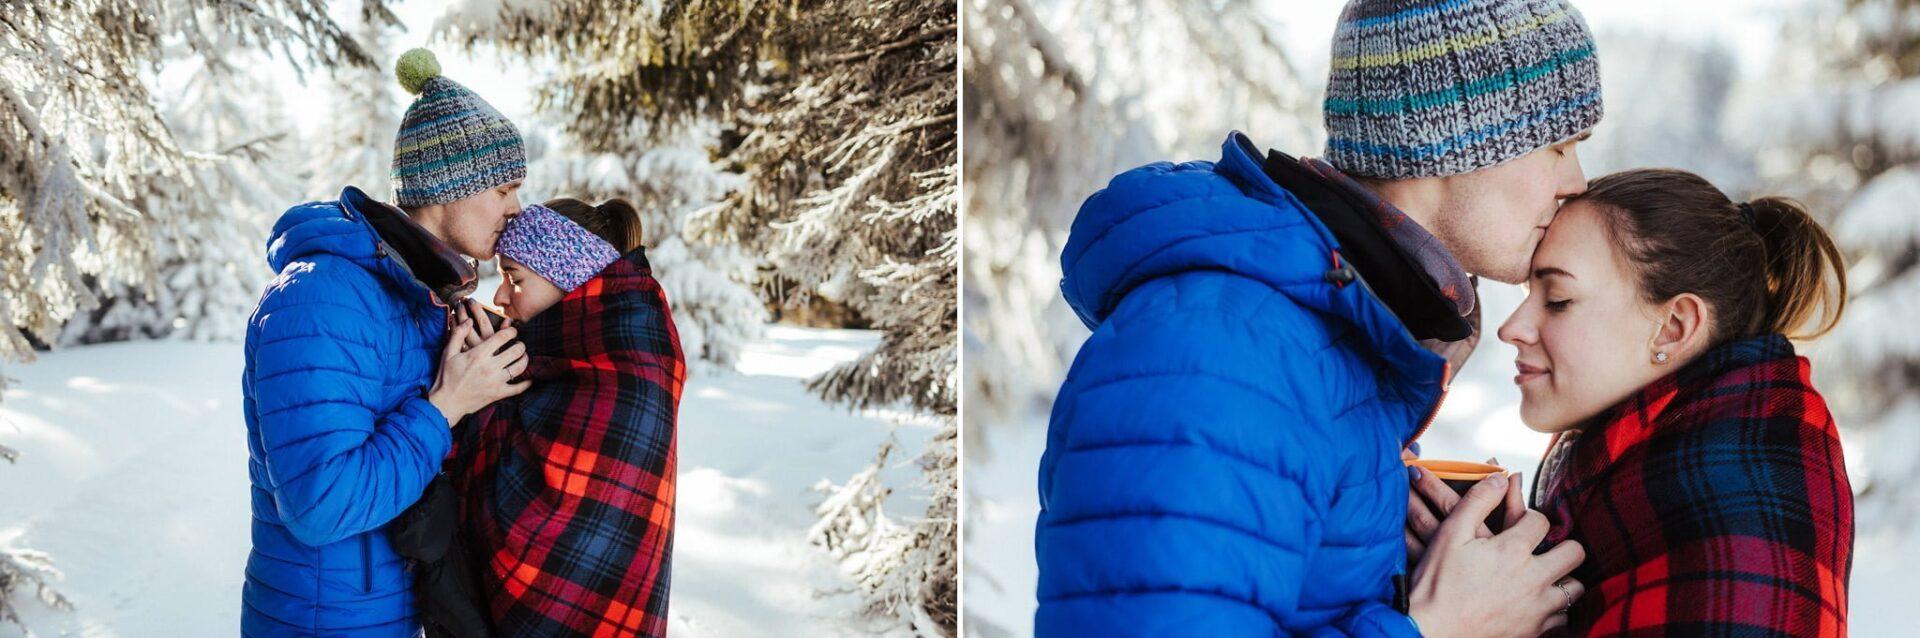 Zimowa sesja narzeczeńska w górach 25